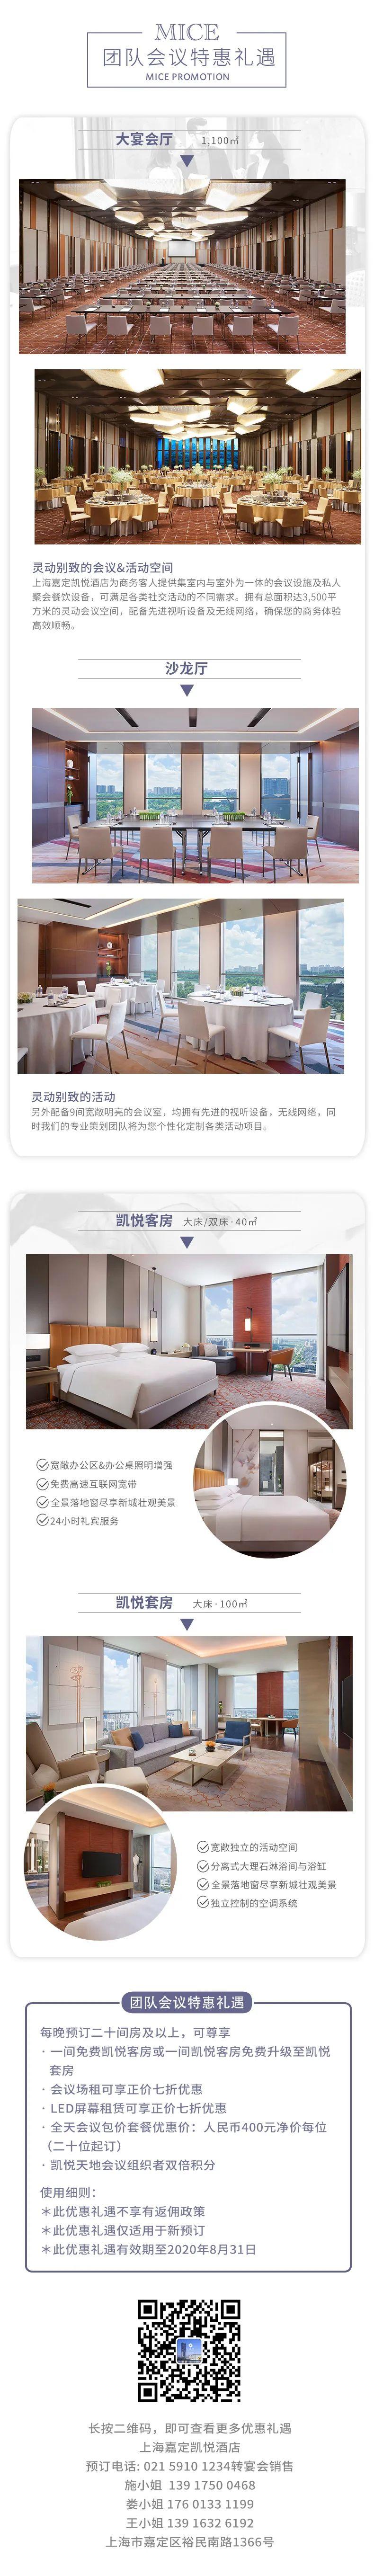 上海嘉定凯悦酒店团队会议特惠礼遇